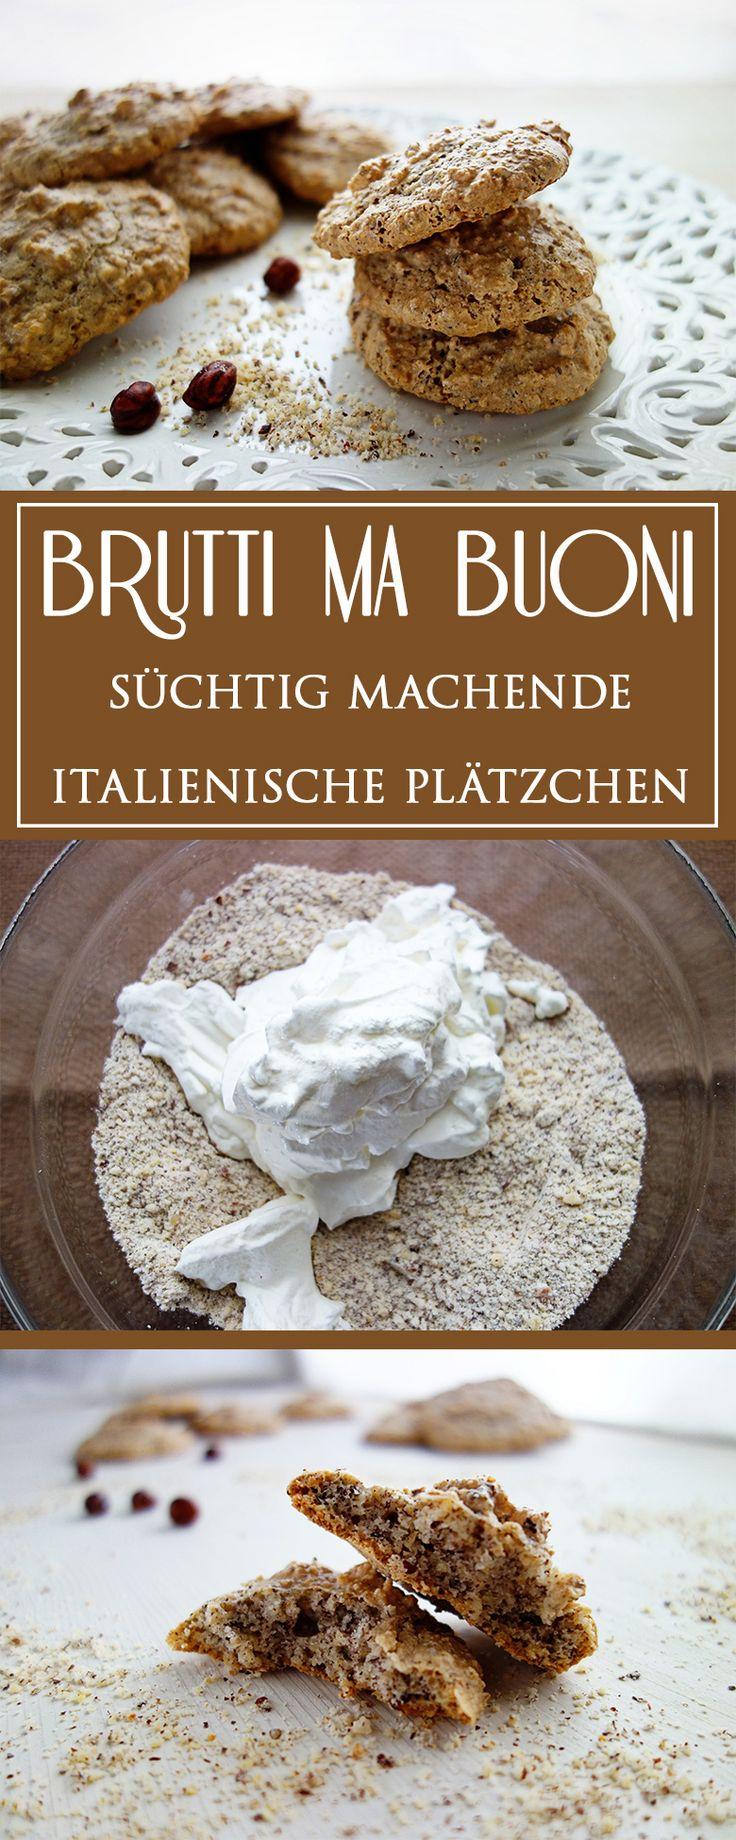 Brutti ma Buoni - süchtig machende italienische Plätzchen - hier findest du das einfache, unglaublich leckere Rezept für diese herrliche kleine Sünde! ❤️ | cucina-con-amore.de